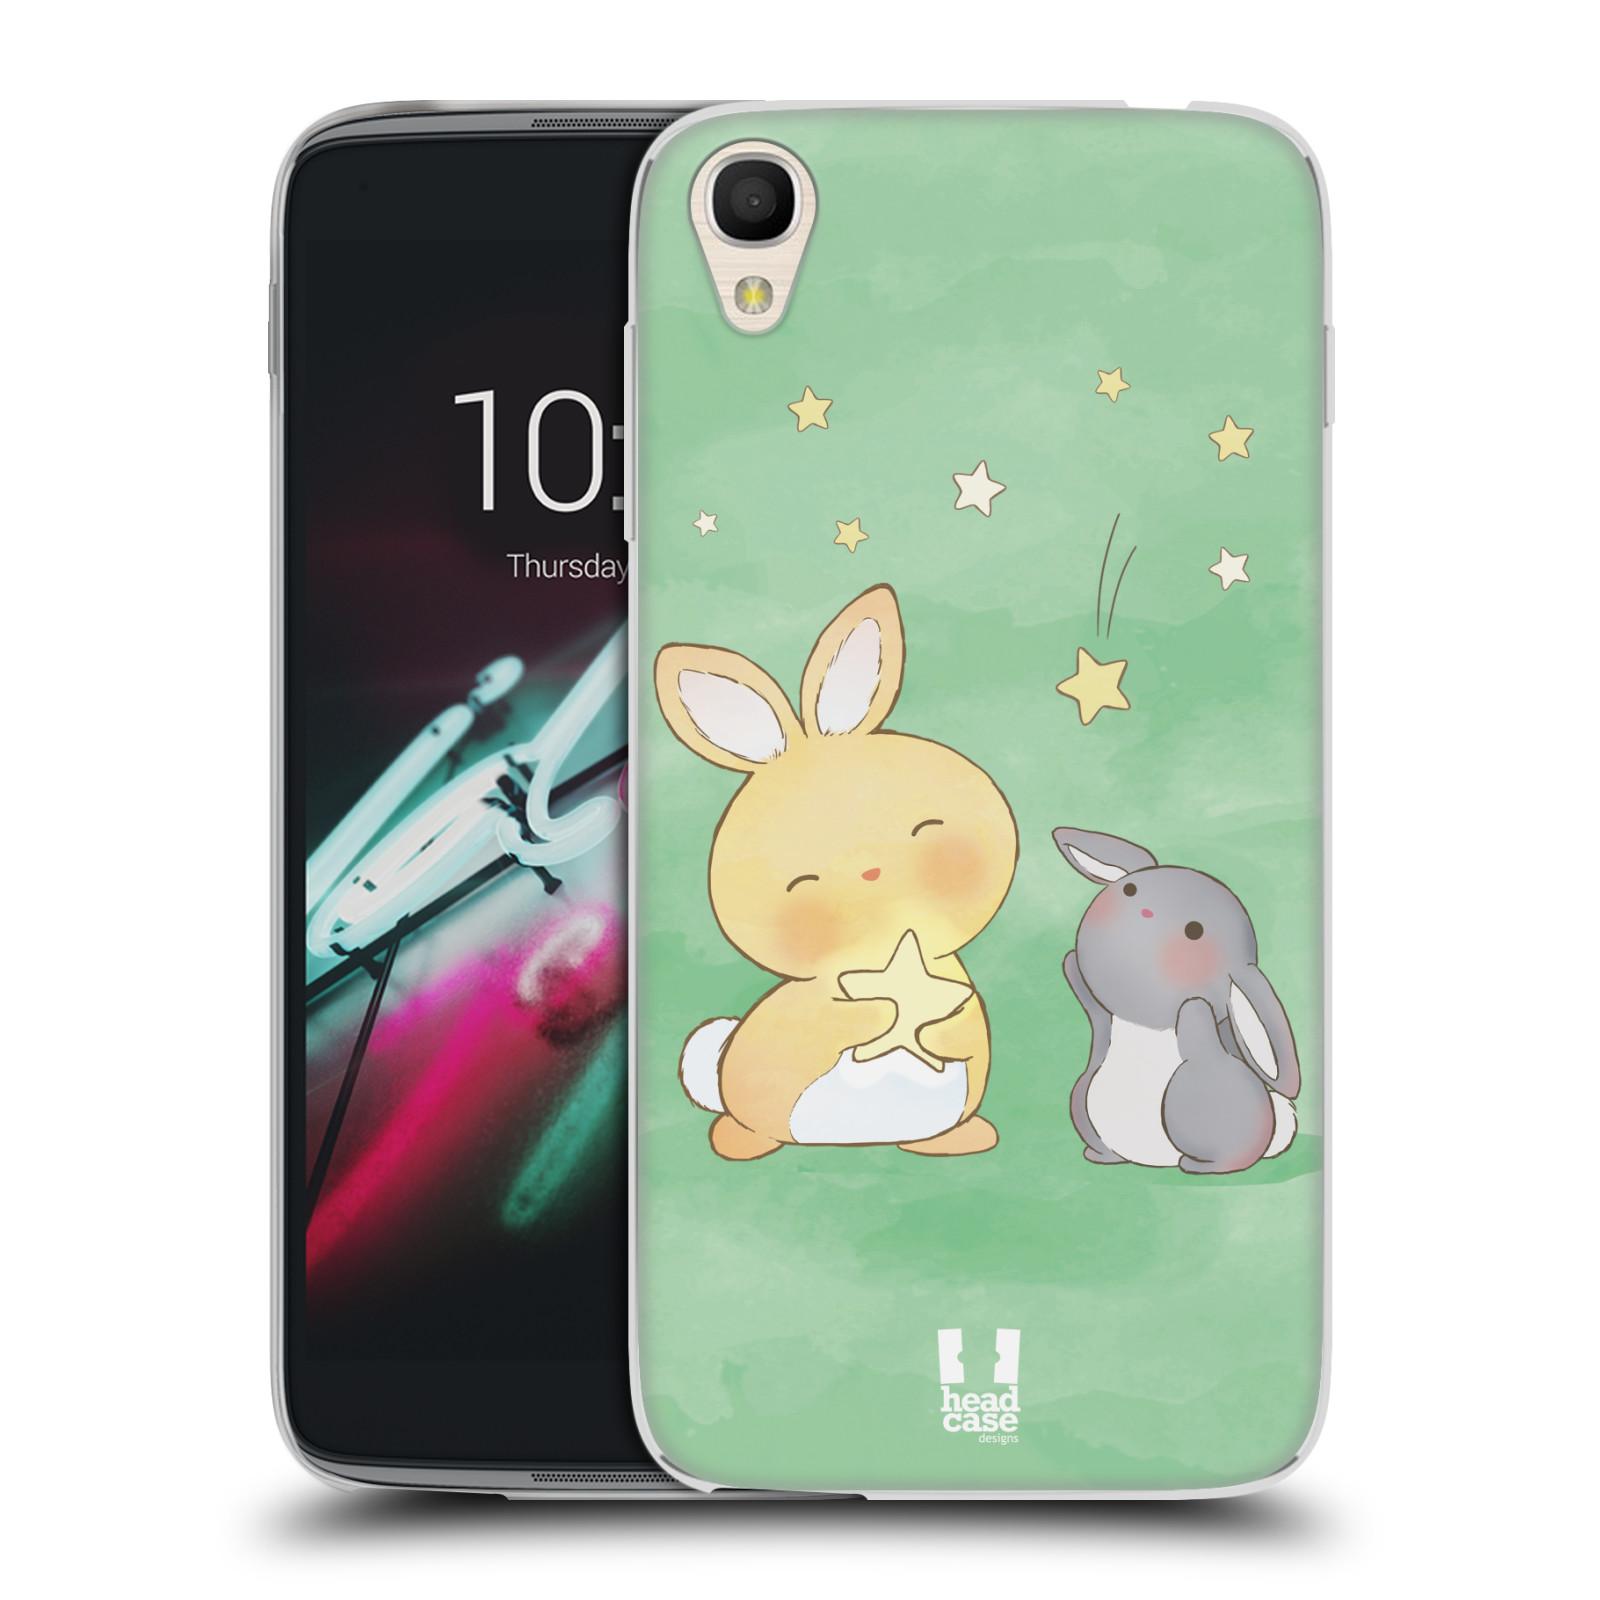 HEAD CASE silikonový obal na mobil Alcatel Idol 3 OT-6039Y (4.7) vzor králíček a hvězdy zelená